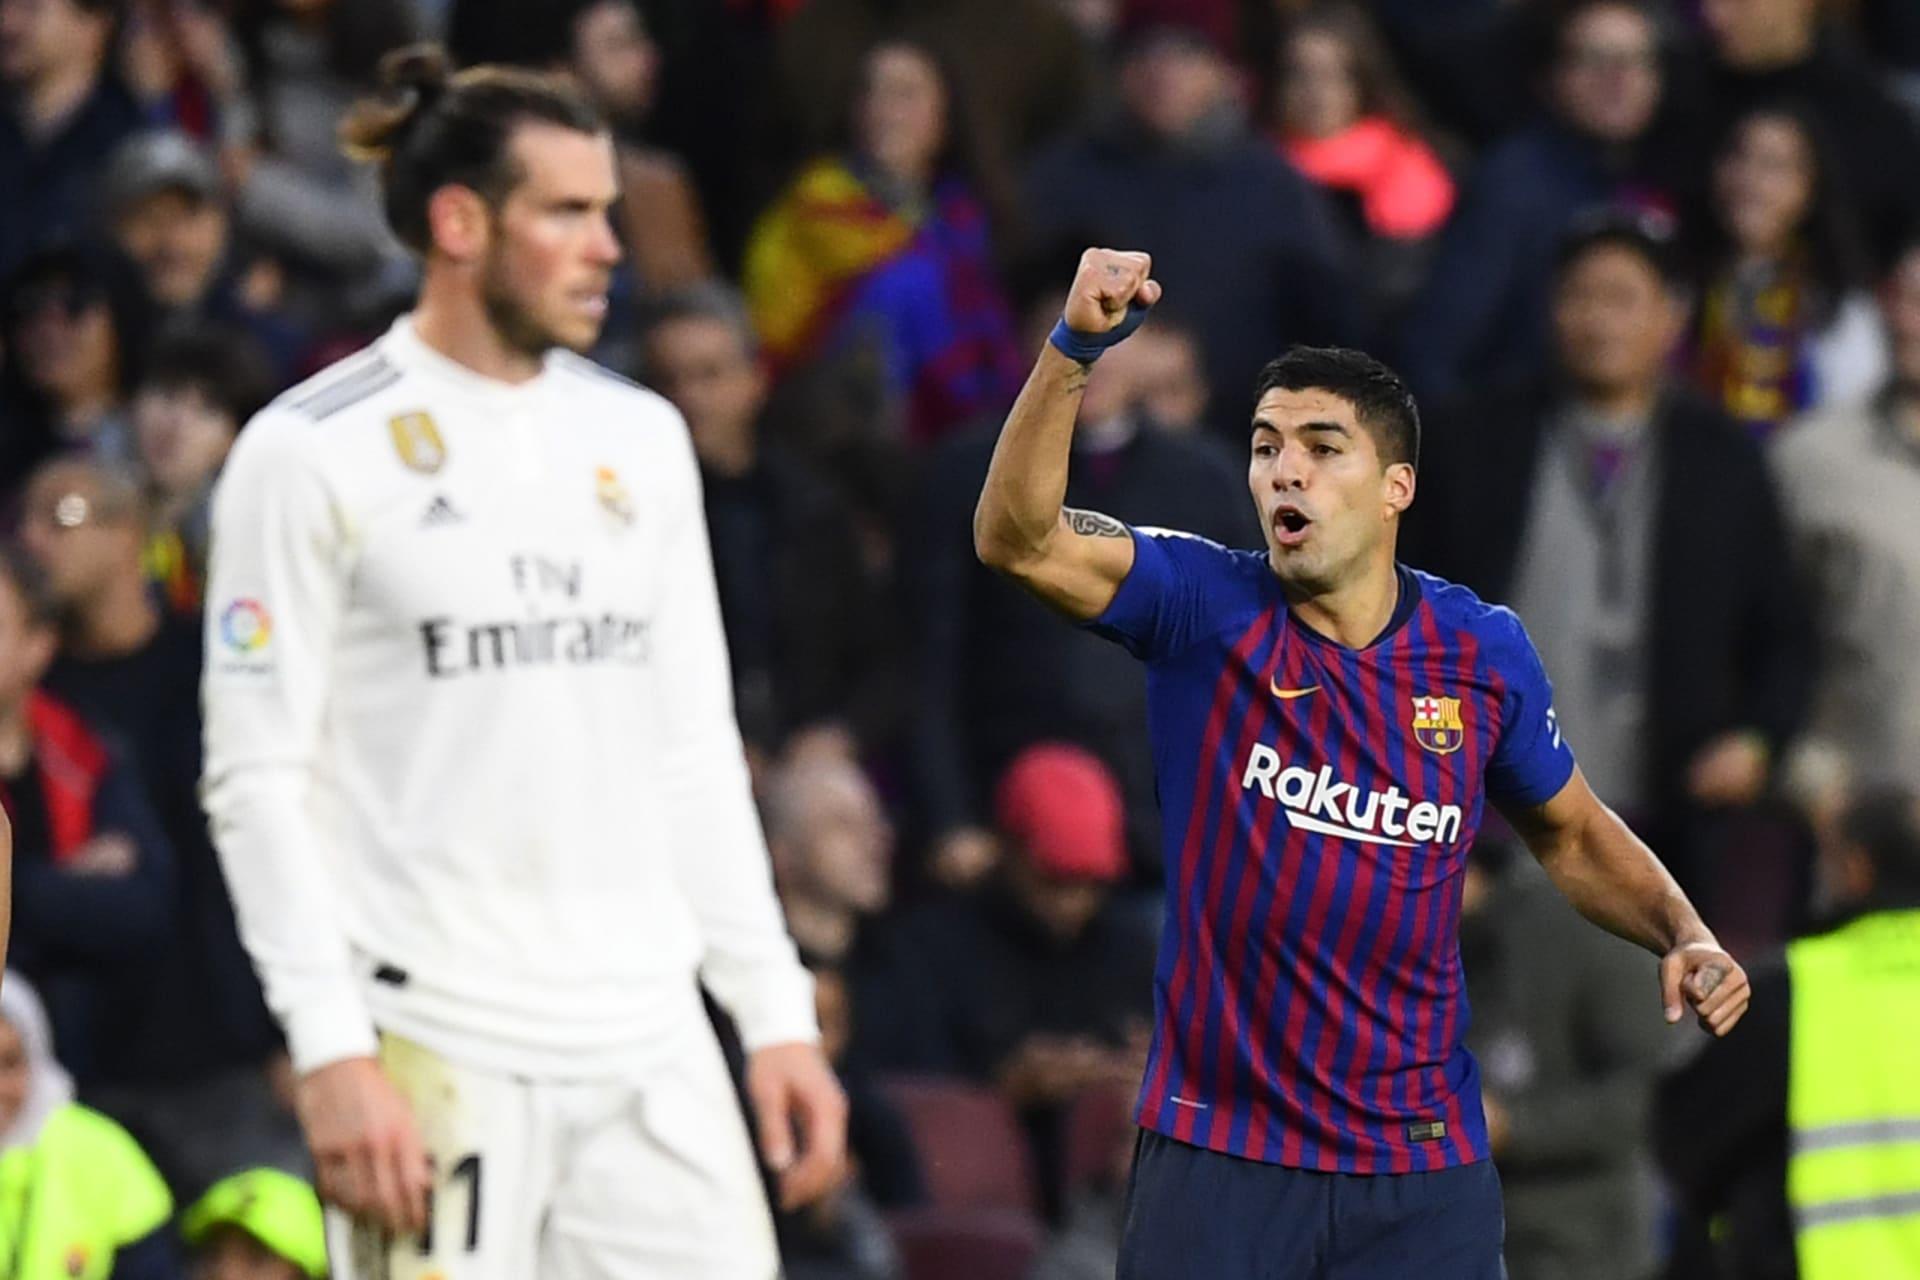 """رأي: برشلونة """"أكثر من مجرد ميسي"""" ورياح التغيير عصفت بريال مدريد"""